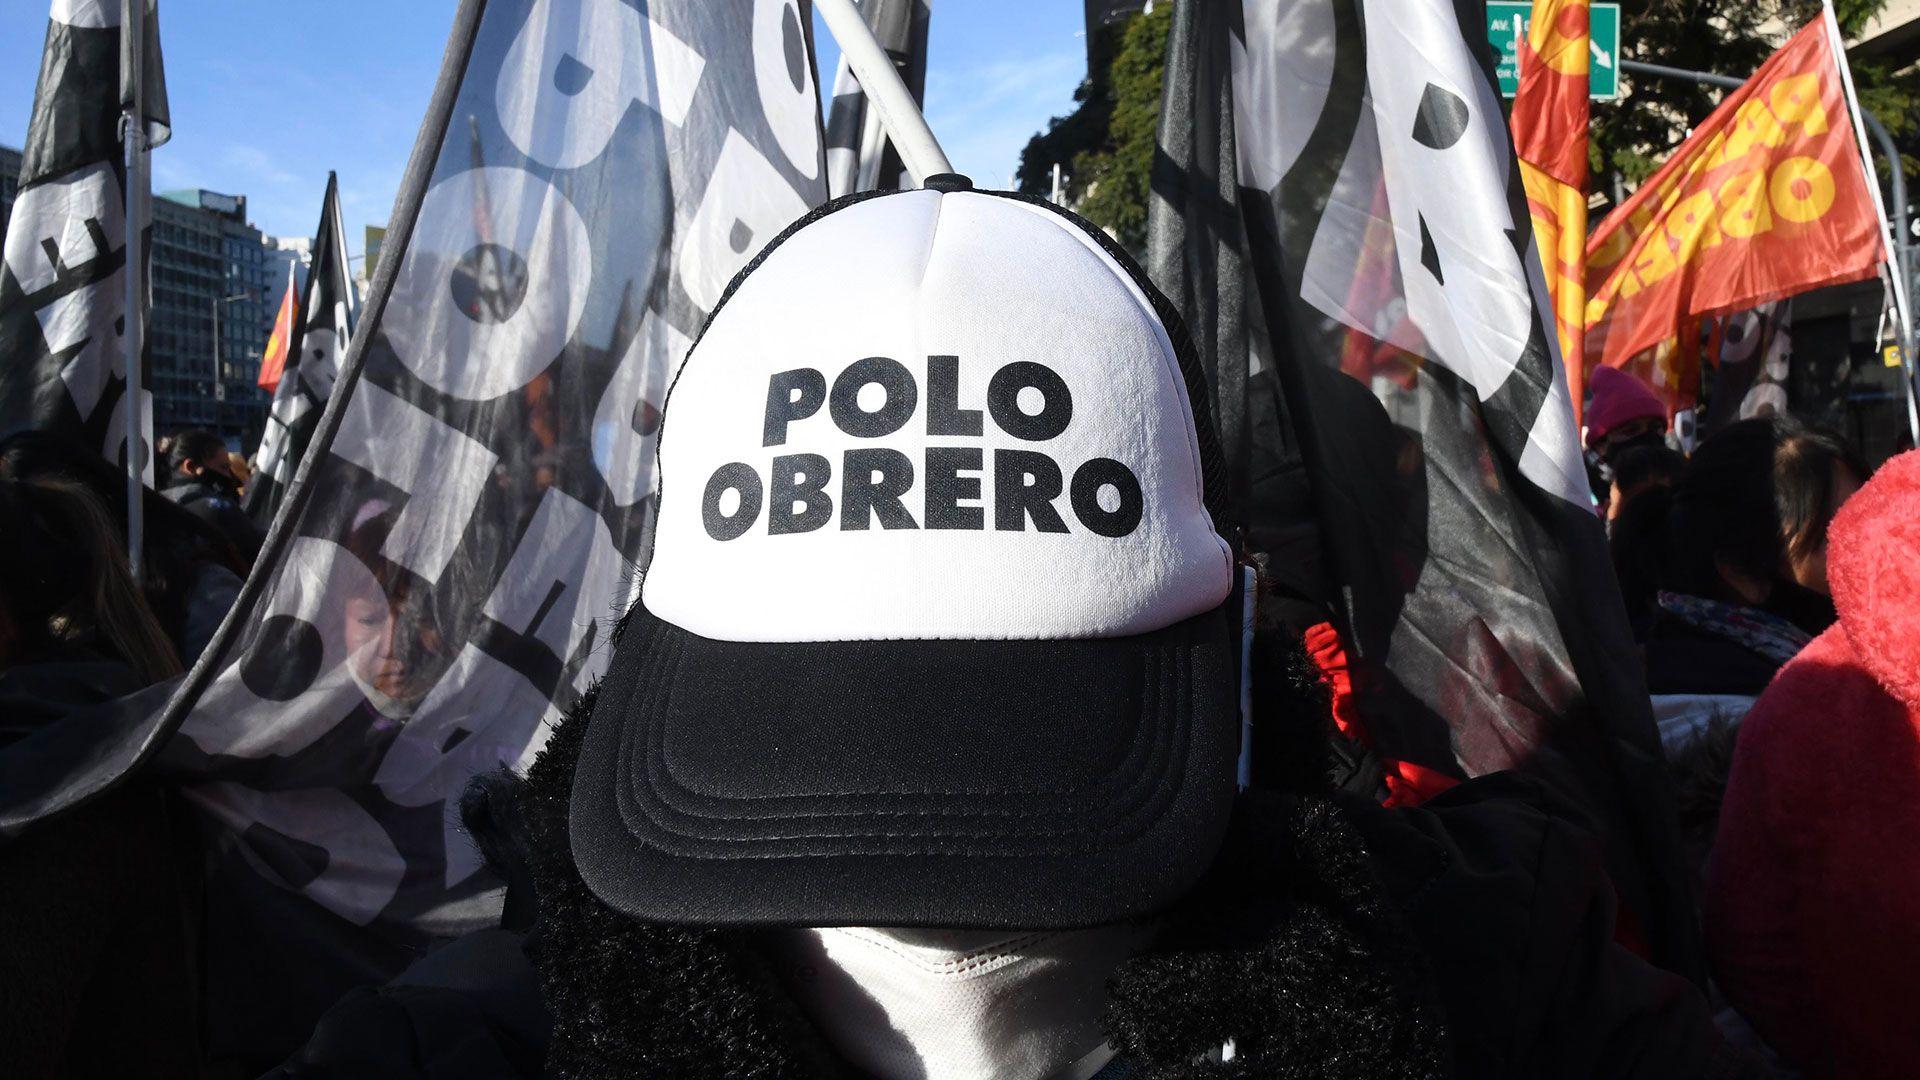 RECLAMO POLO OBRERO TIERRAS GUERNICA